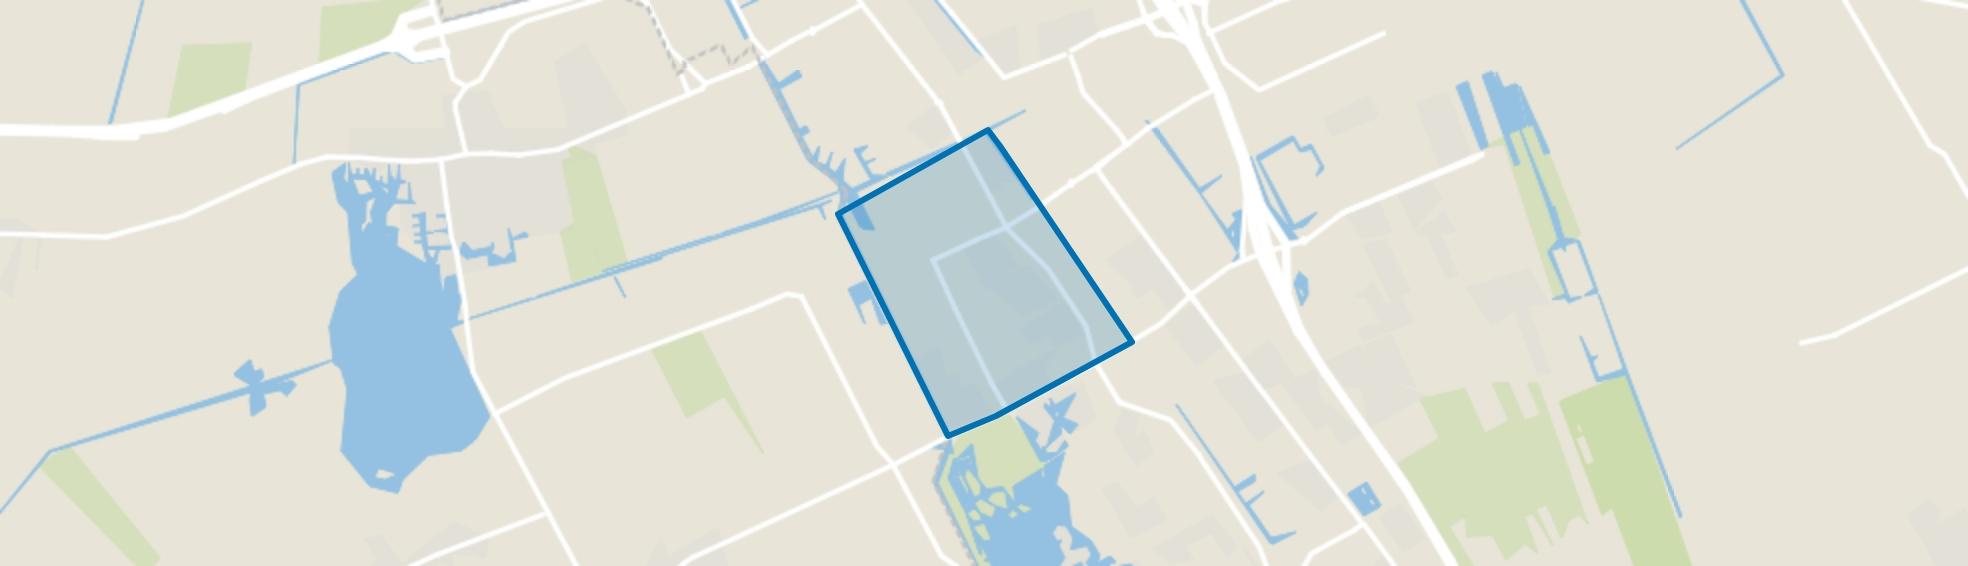 De Greiden, Heerenveen map